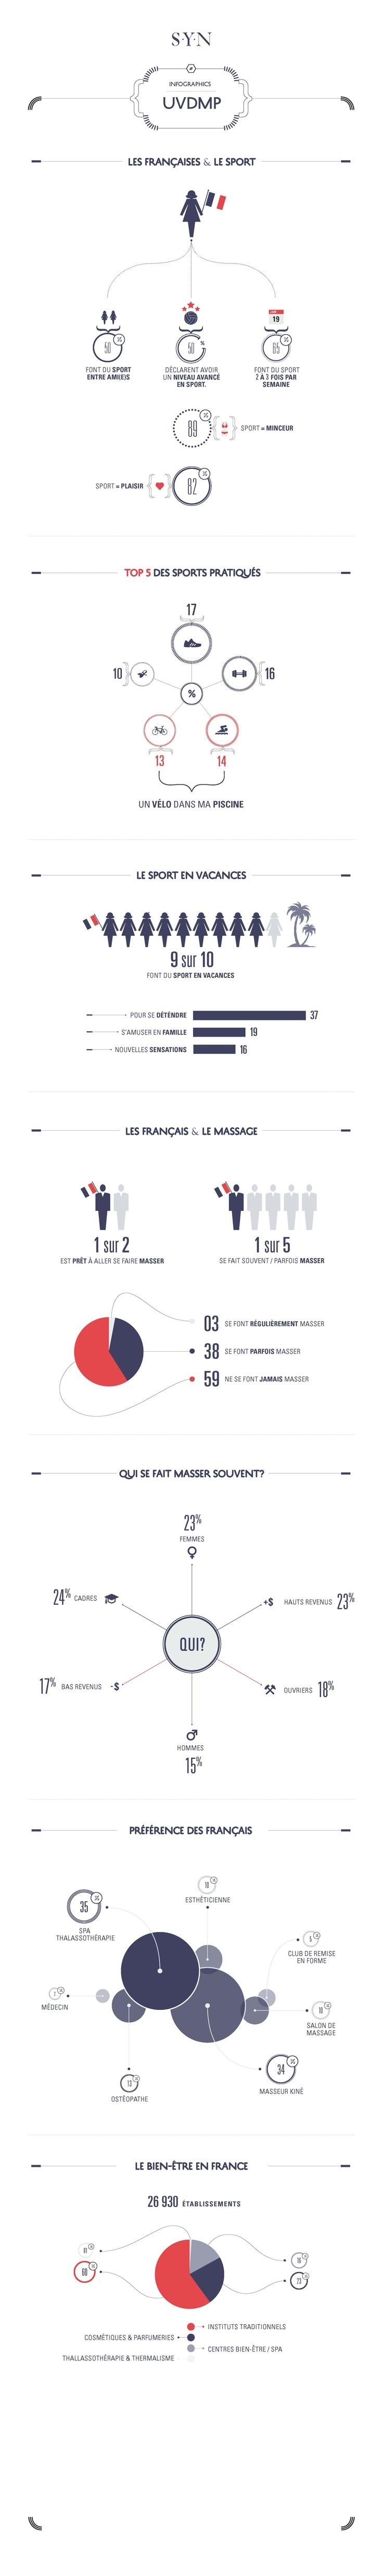 / DESIGN D'INFORMATION ANALYSE SECTORIELLE / À partir des dernières études au sujet des français, du sport et du bien-être, nous avons réaisé une infographie illustrée afin de définir l'ecosystème au sein duquel se situe UN VÉLO DANS MA PISCINE.